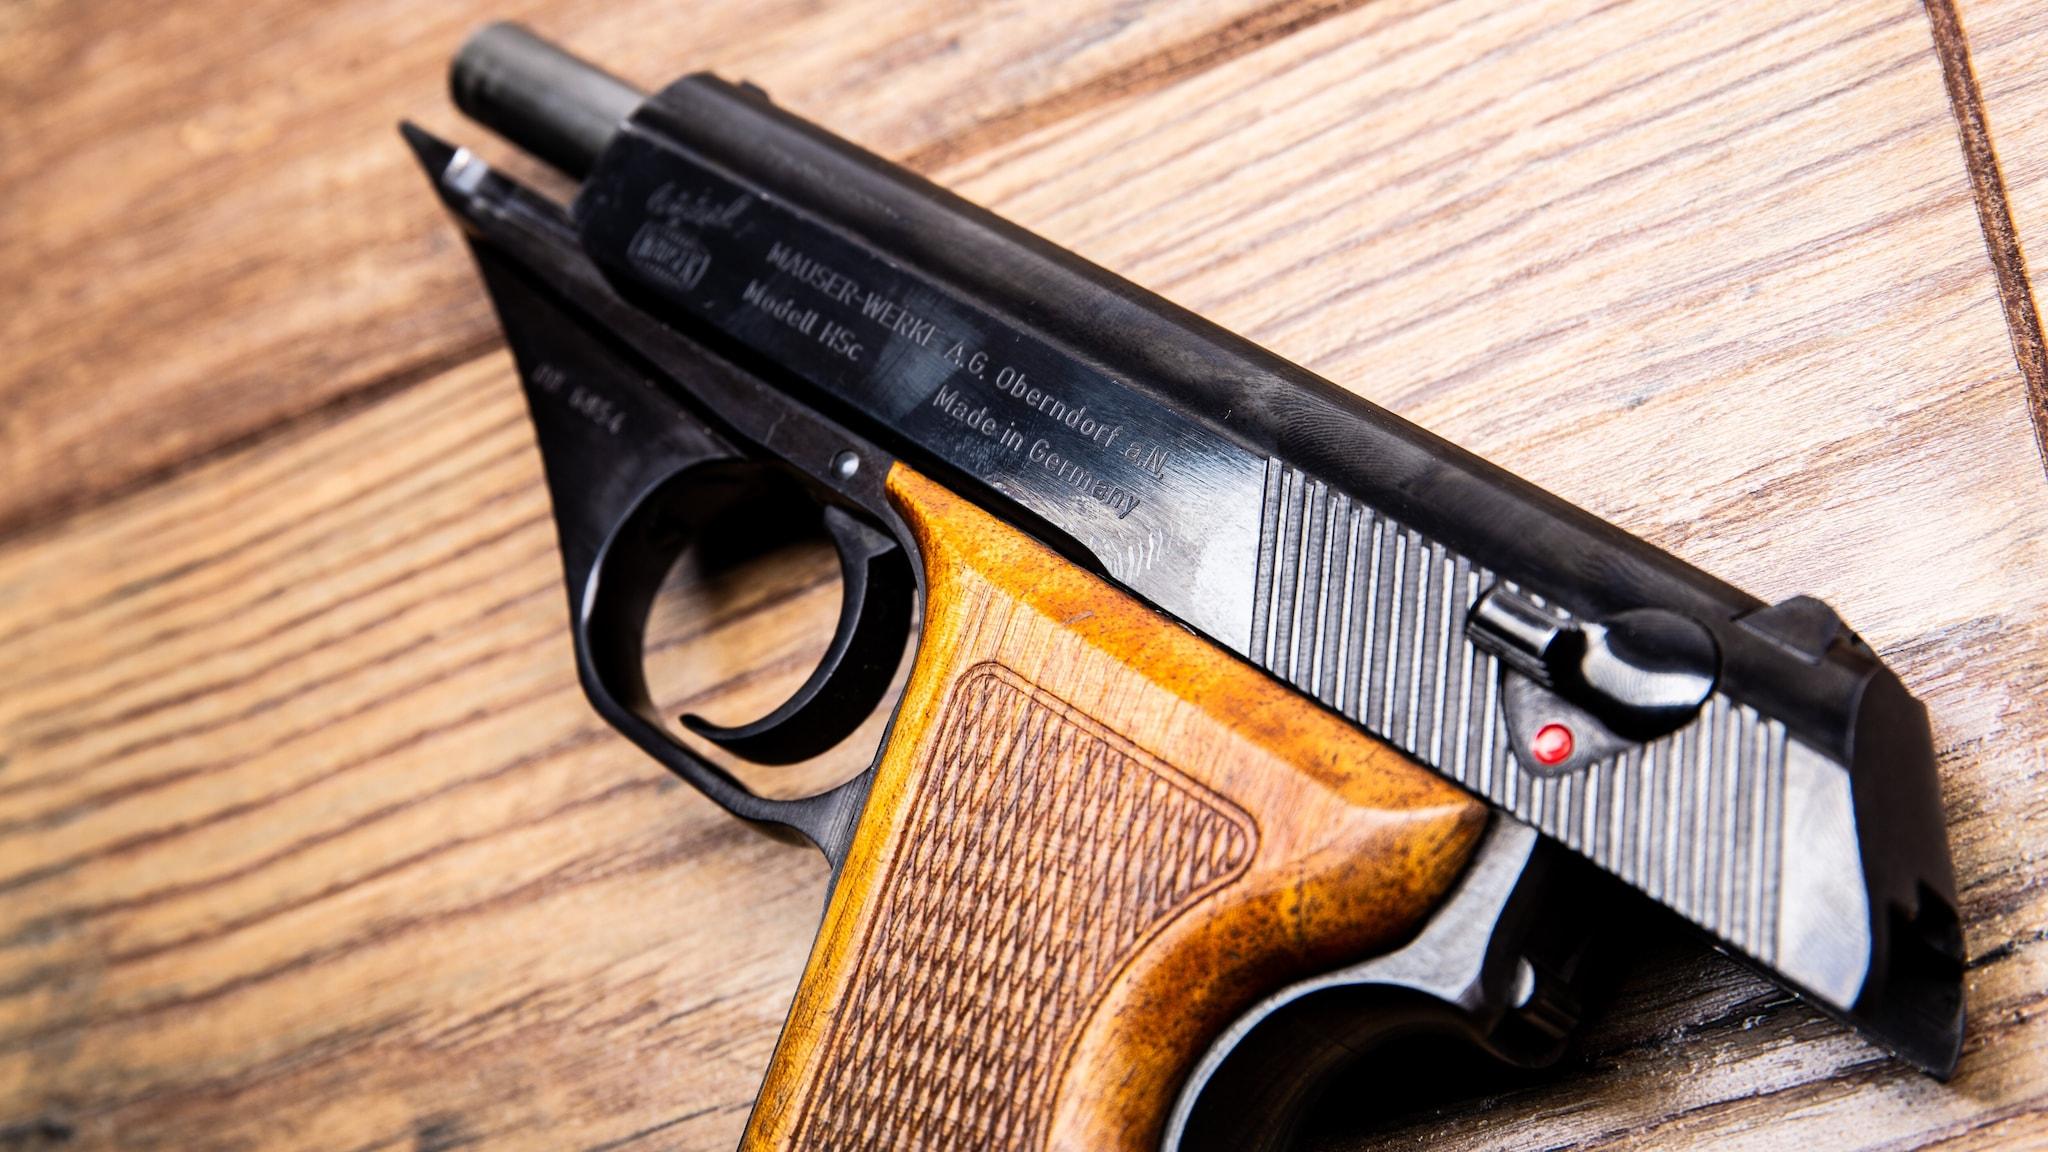 Mauser pistols Gunscom HSC